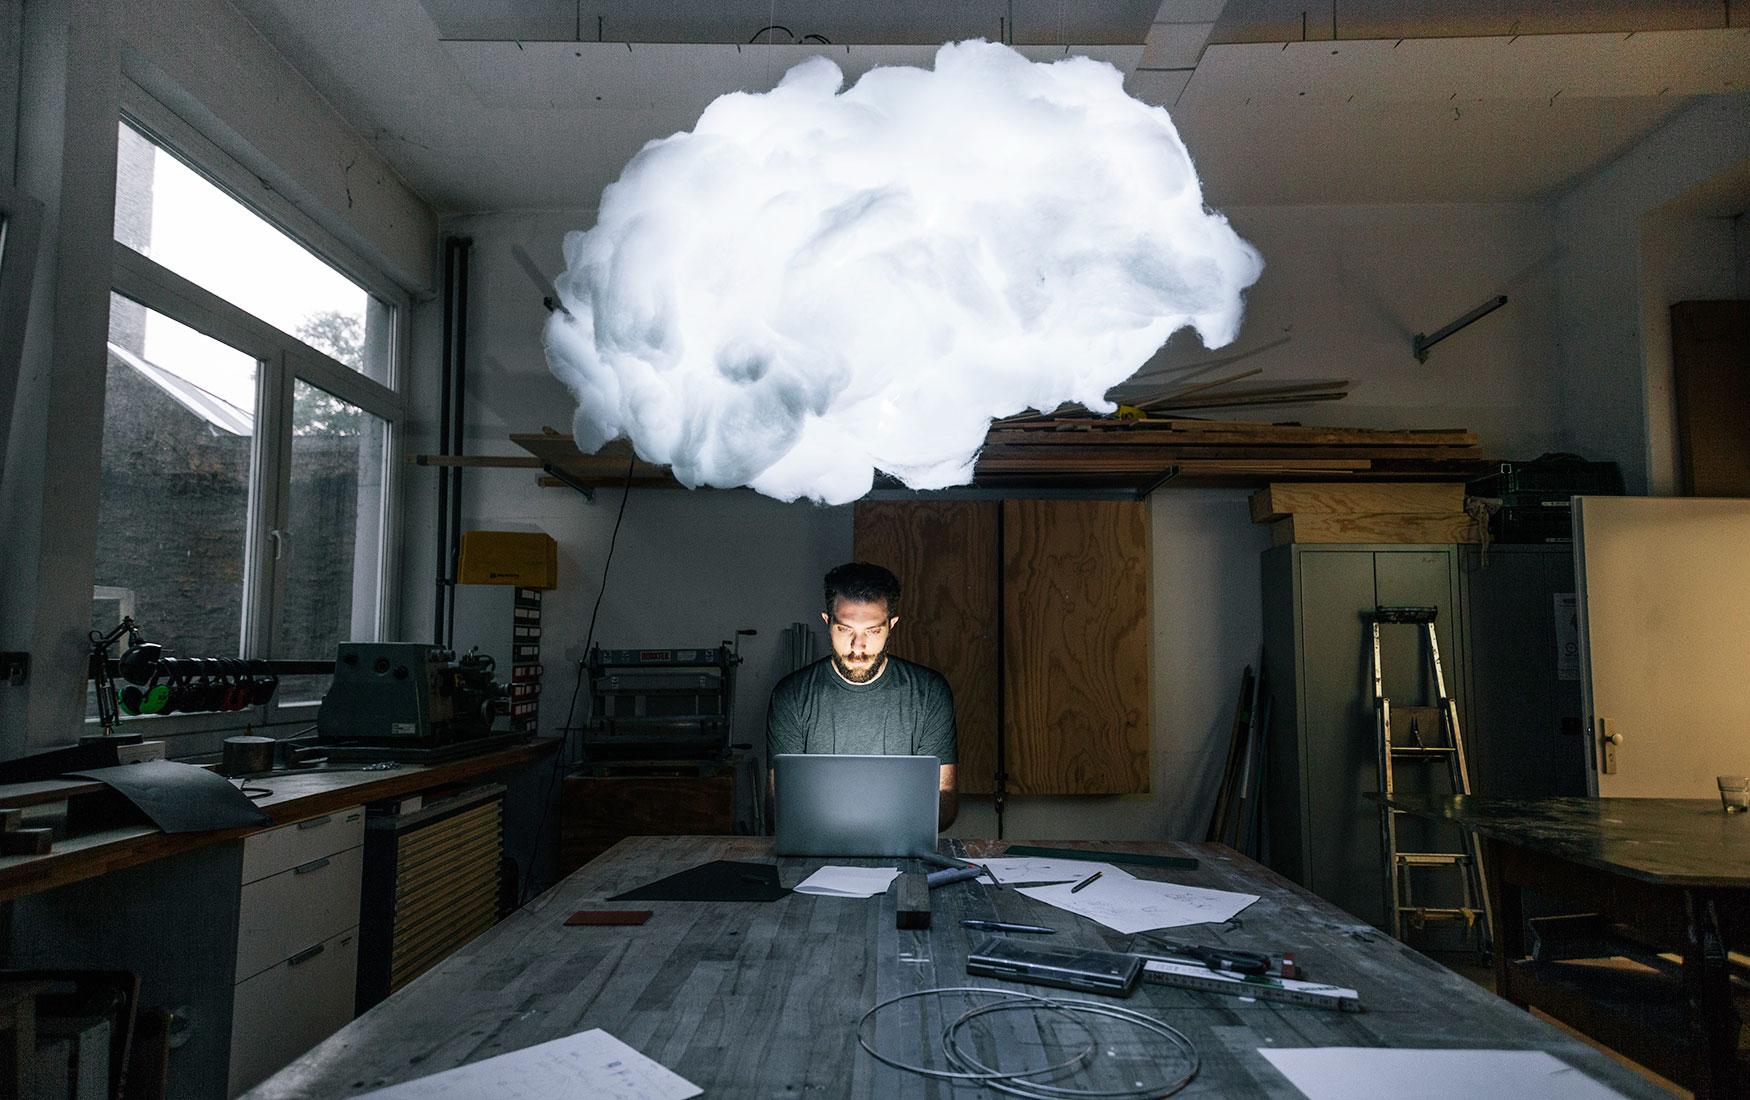 Мечтать не вредно: как воплотить задуманное в реальность